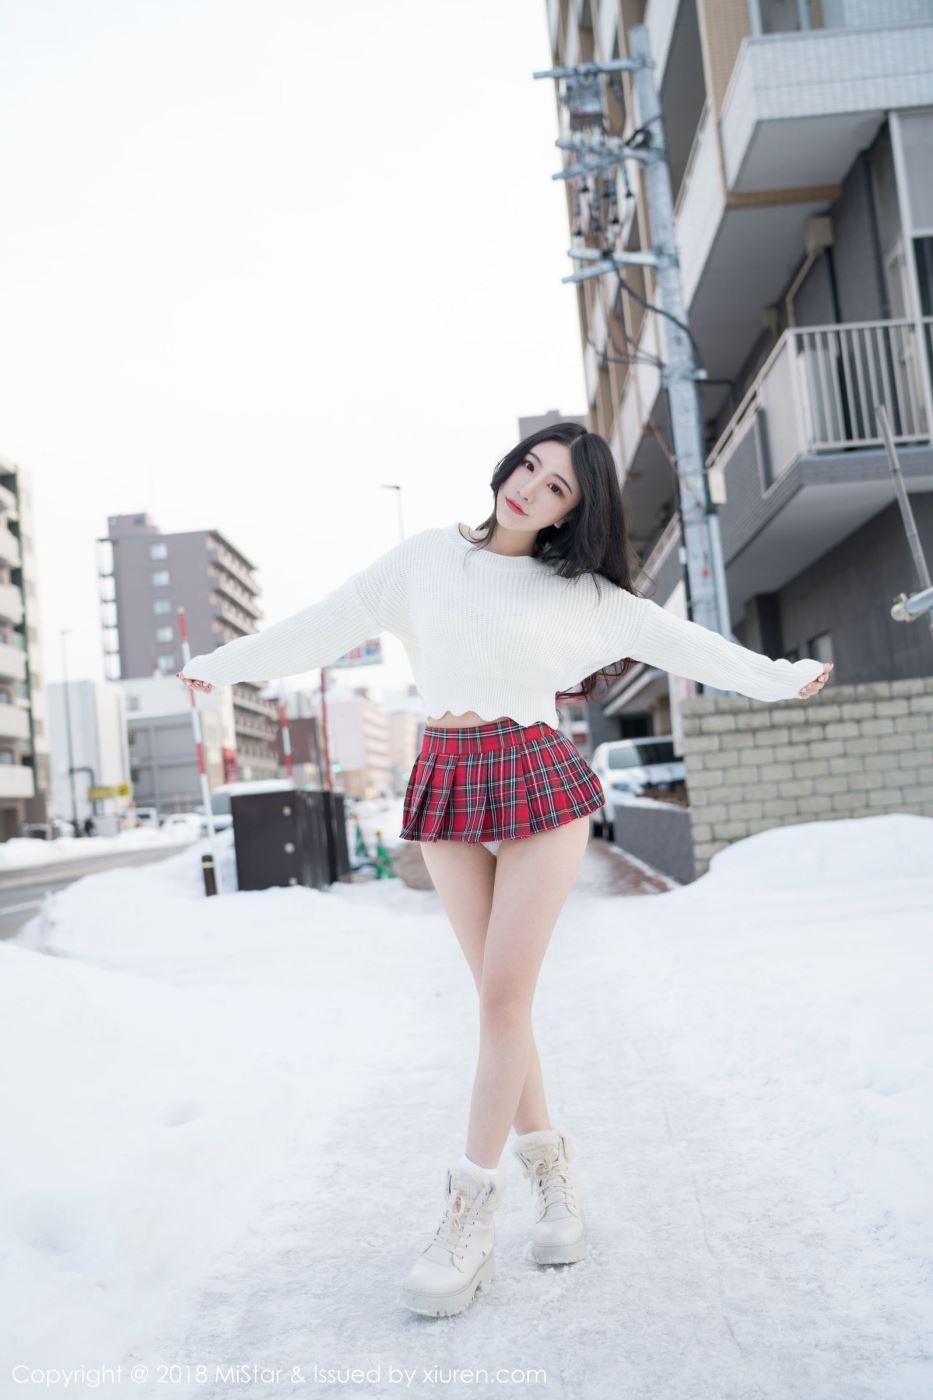 魅妍社谢芷馨绯月樱Cherry小清新美女超短裙性感大长腿写真